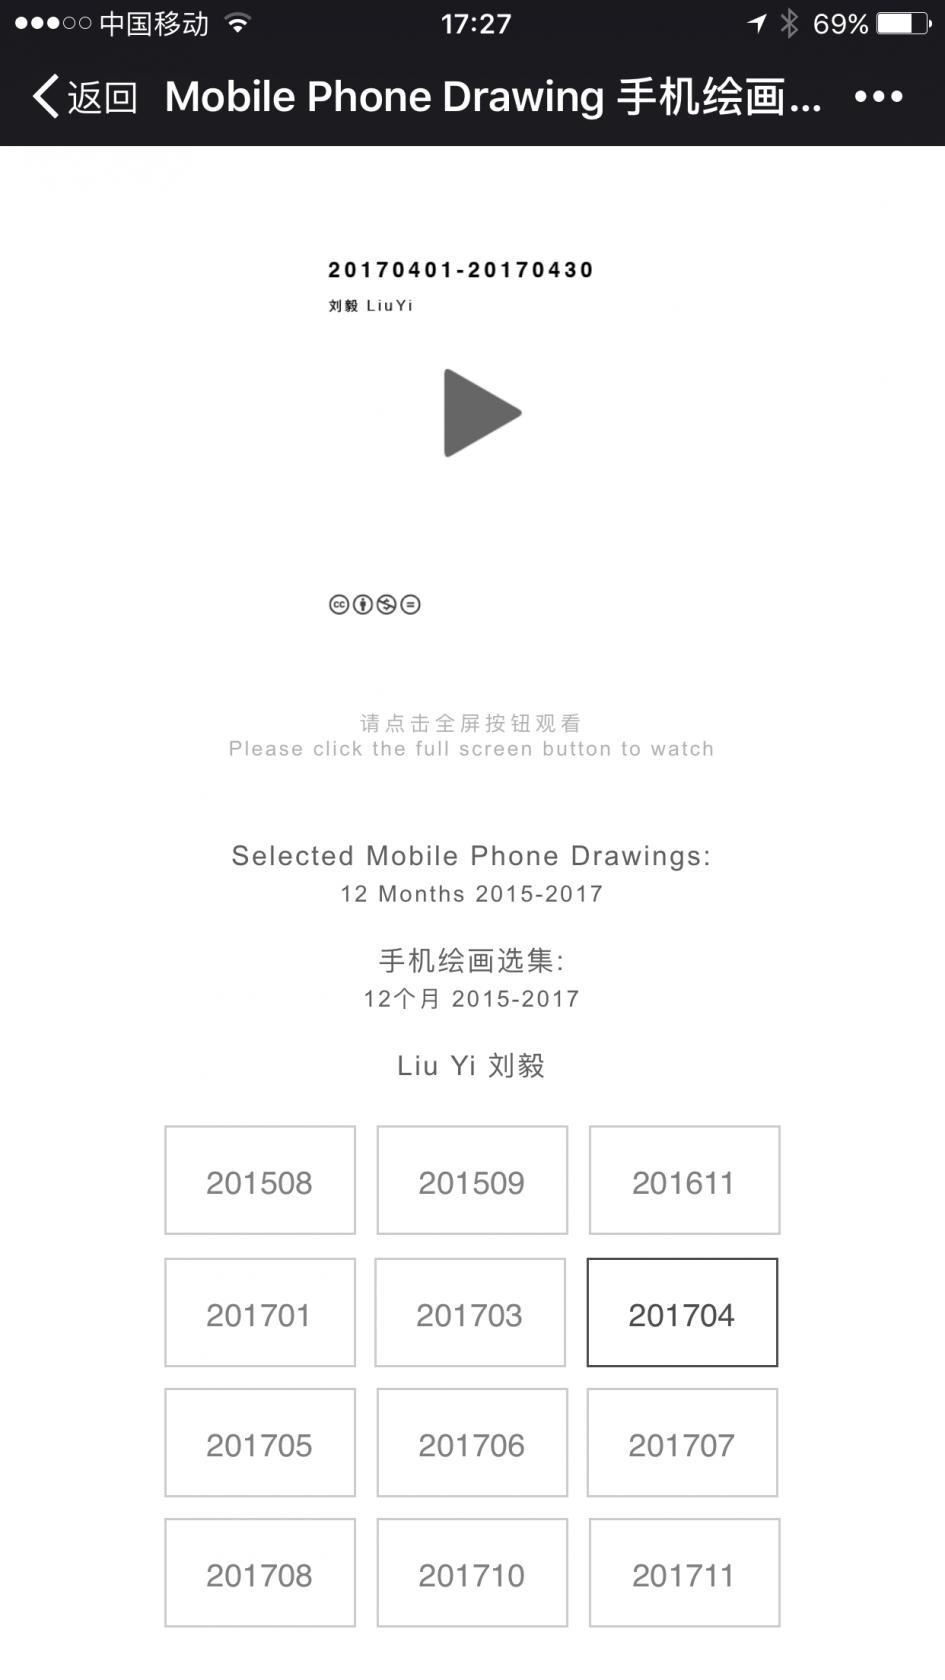 手机页面展示